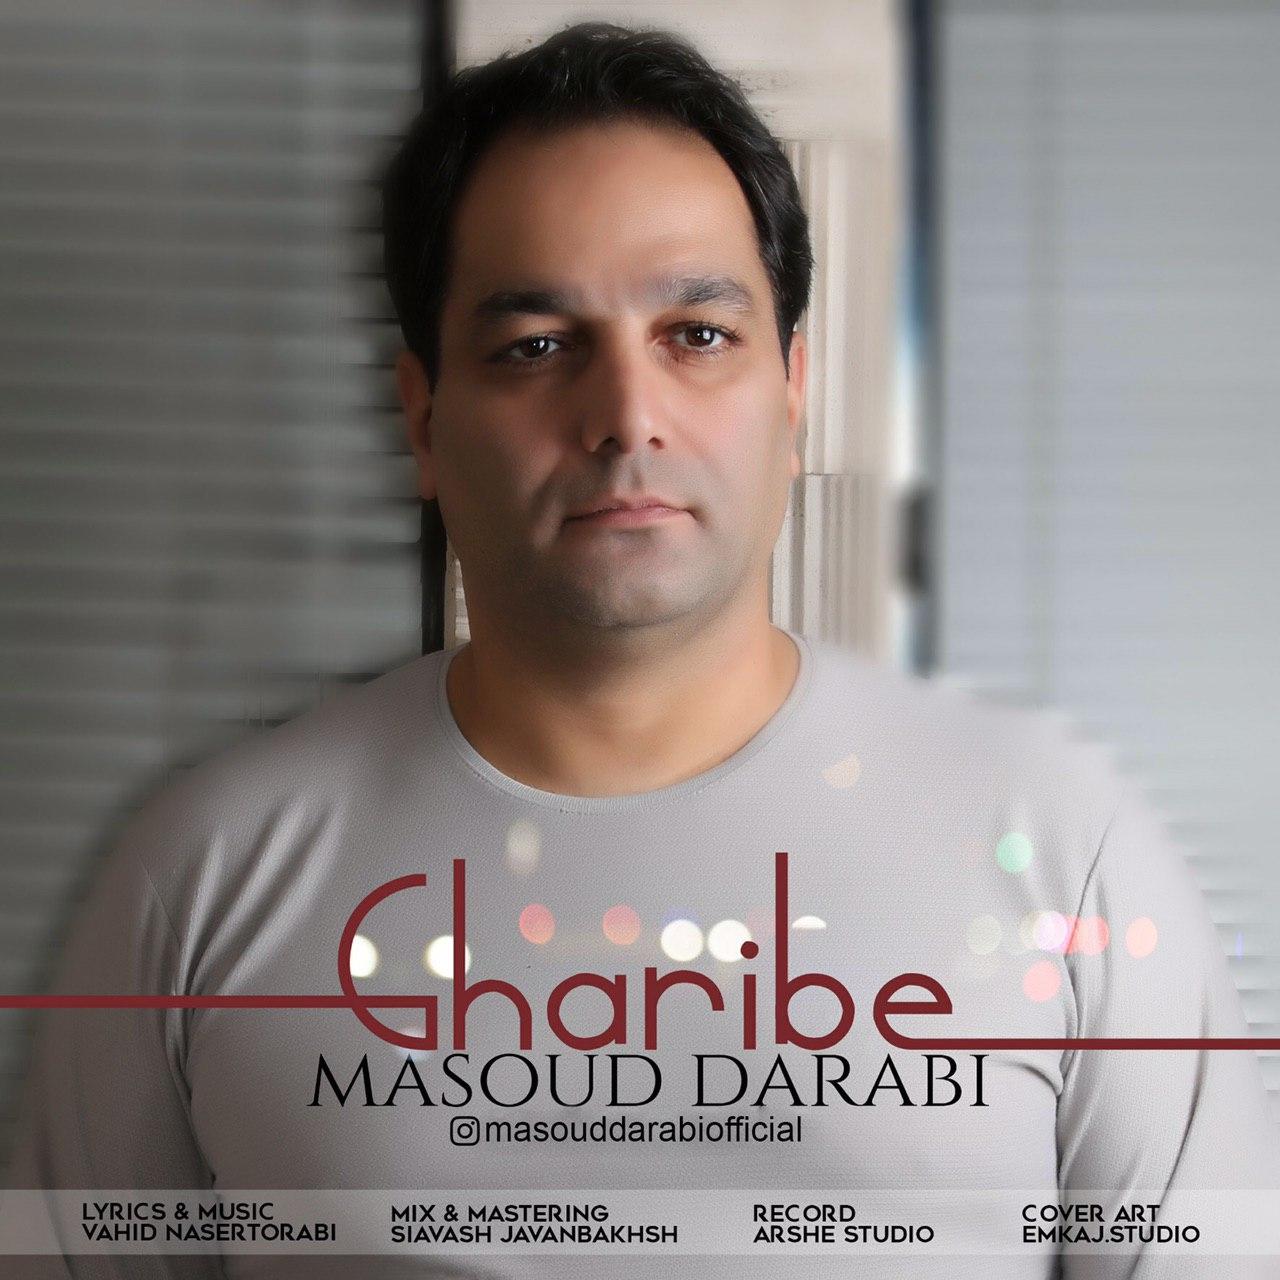 Masoud Darabi – Gharibe